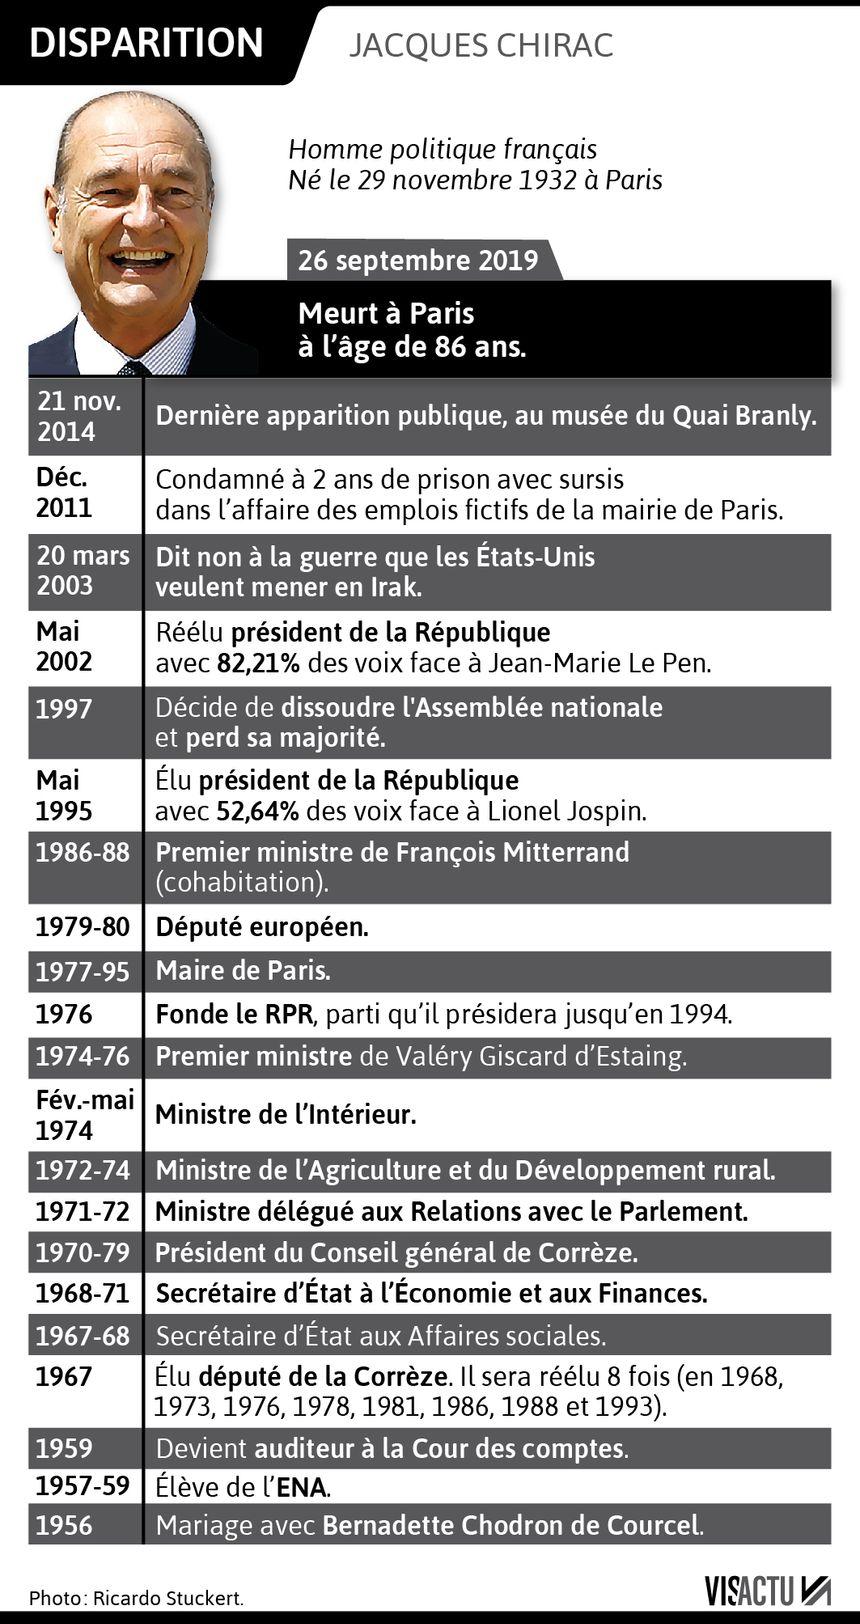 Les principales dates de la vie de Jacques Chirac.